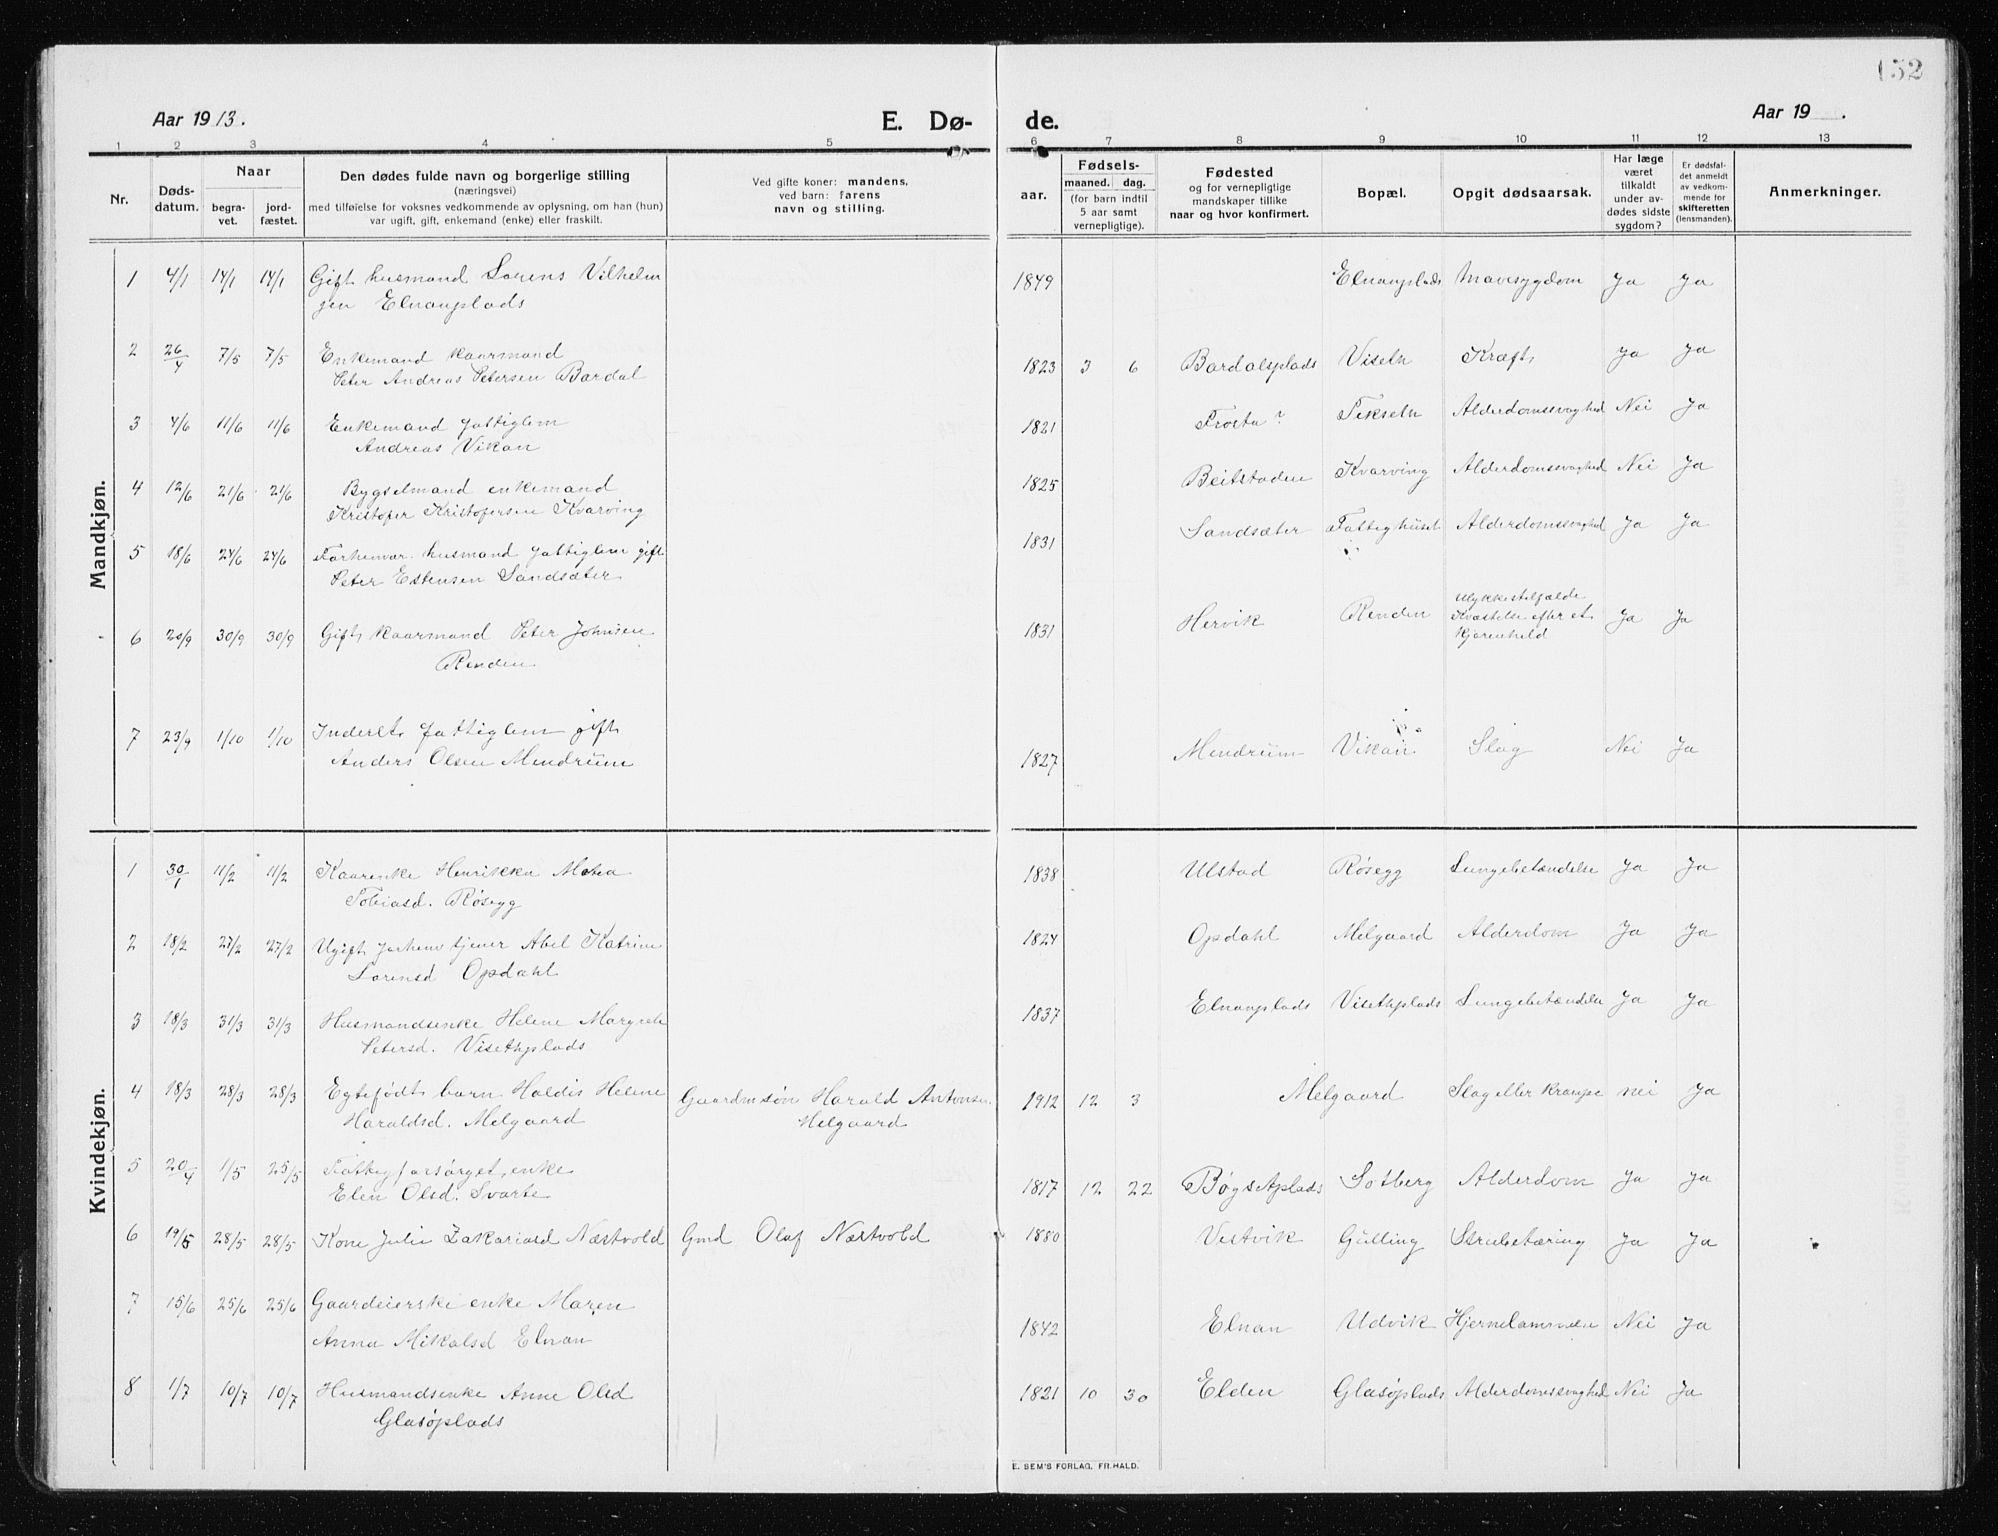 SAT, Ministerialprotokoller, klokkerbøker og fødselsregistre - Nord-Trøndelag, 741/L0402: Klokkerbok nr. 741C03, 1911-1926, s. 152